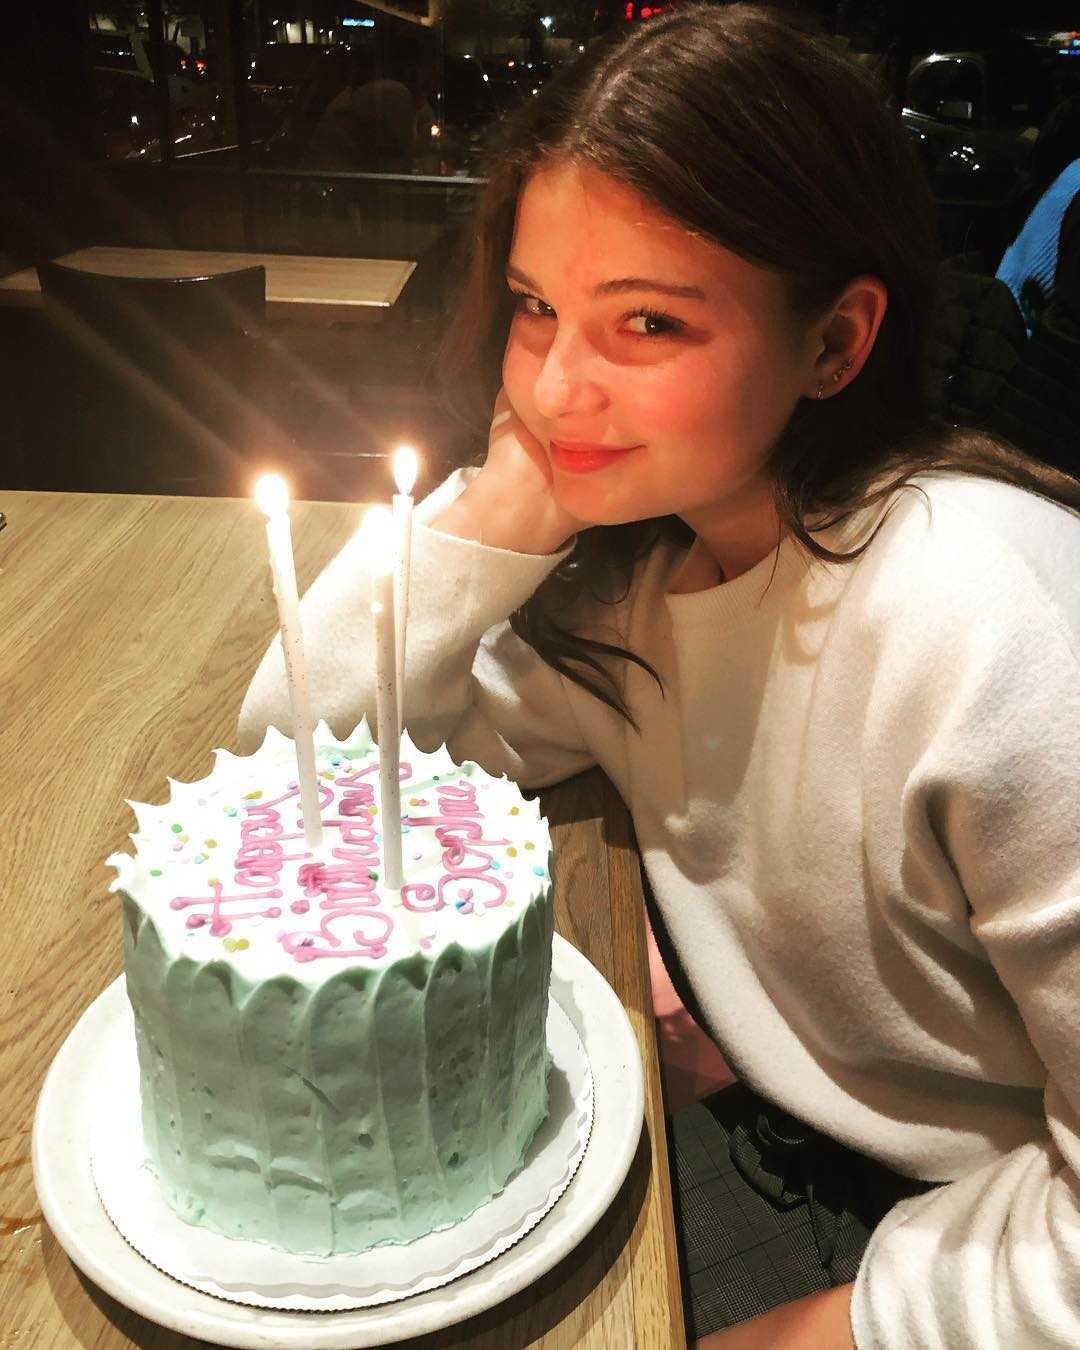 Sophie Pollono celebrating her birthda